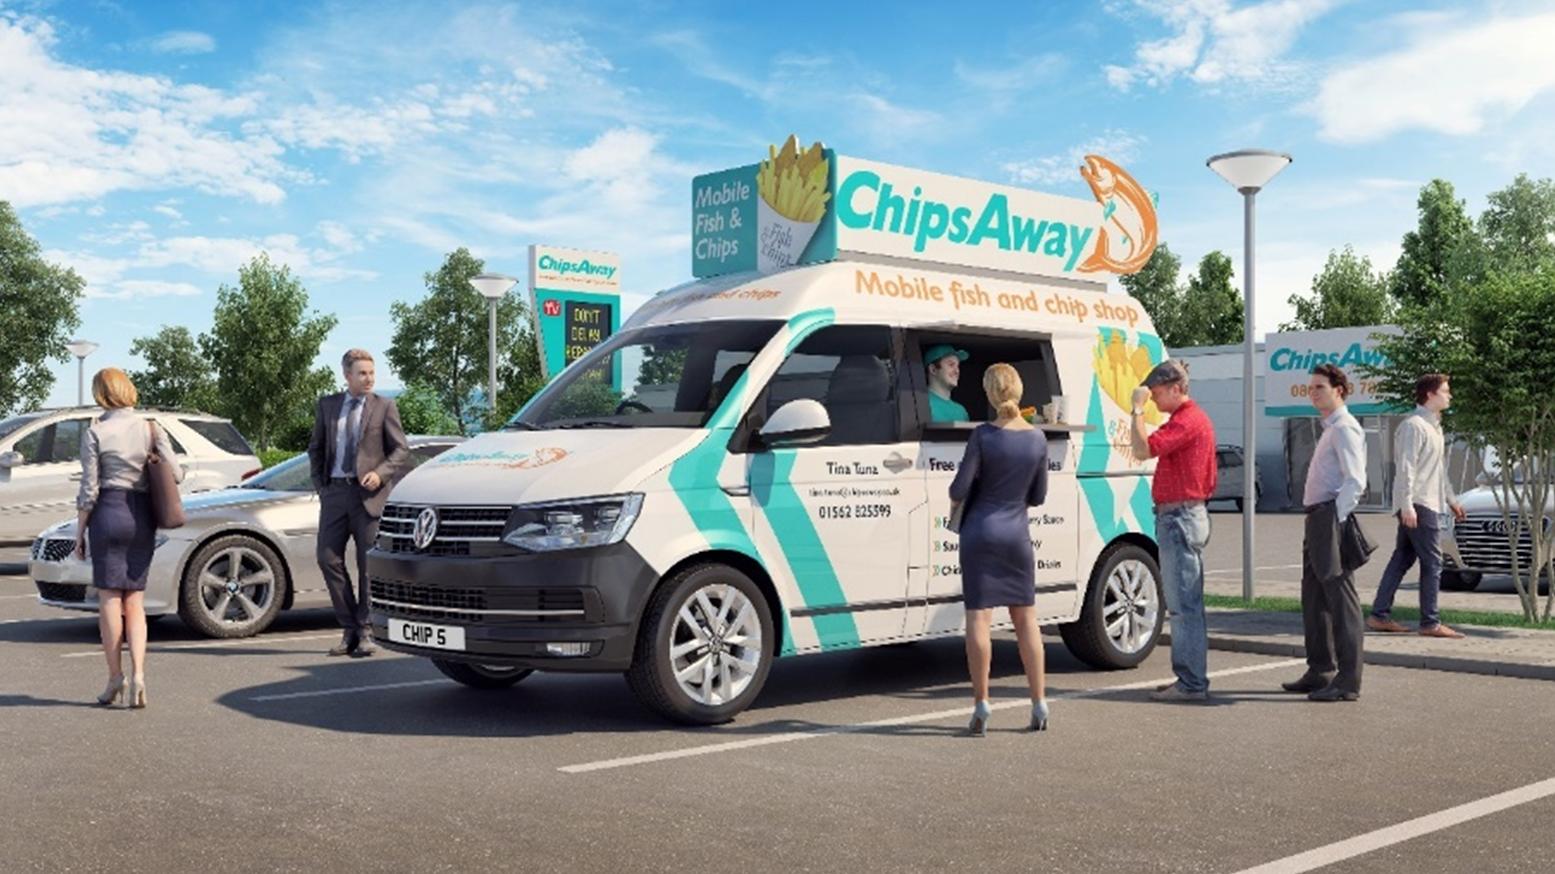 ChipsAway Van Based Franchise